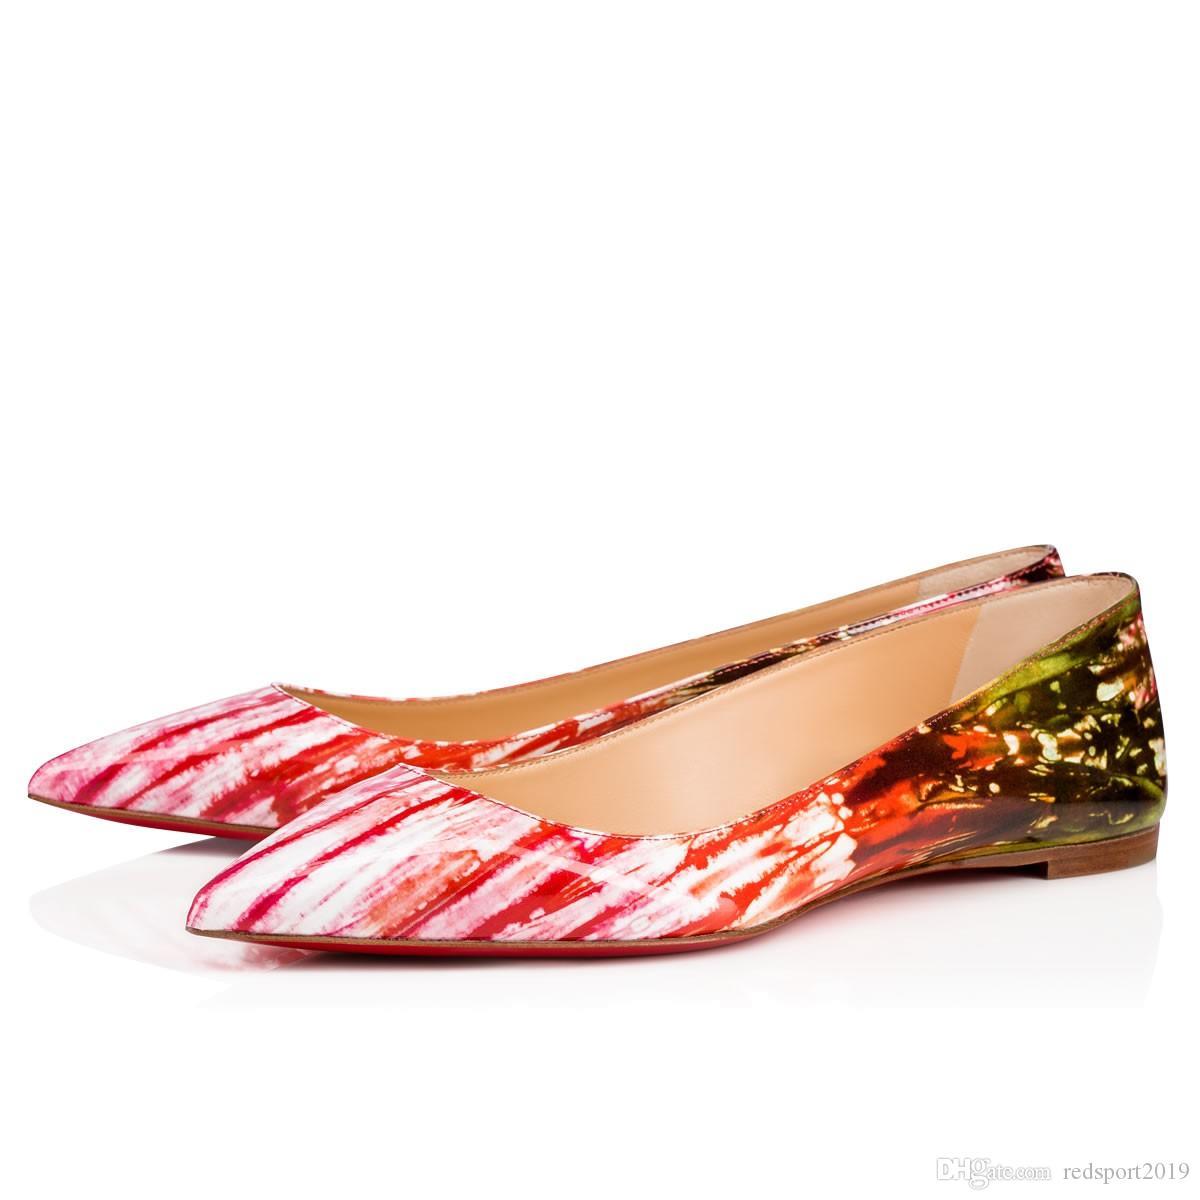 Canlı Stil Ballalla 000 Patent Ayakkabı Baskı Kırmızı Alt Bayanlar Patent Deri Seksi Sivri Burun Kadın Ballerines Ayakkabı EU35-42